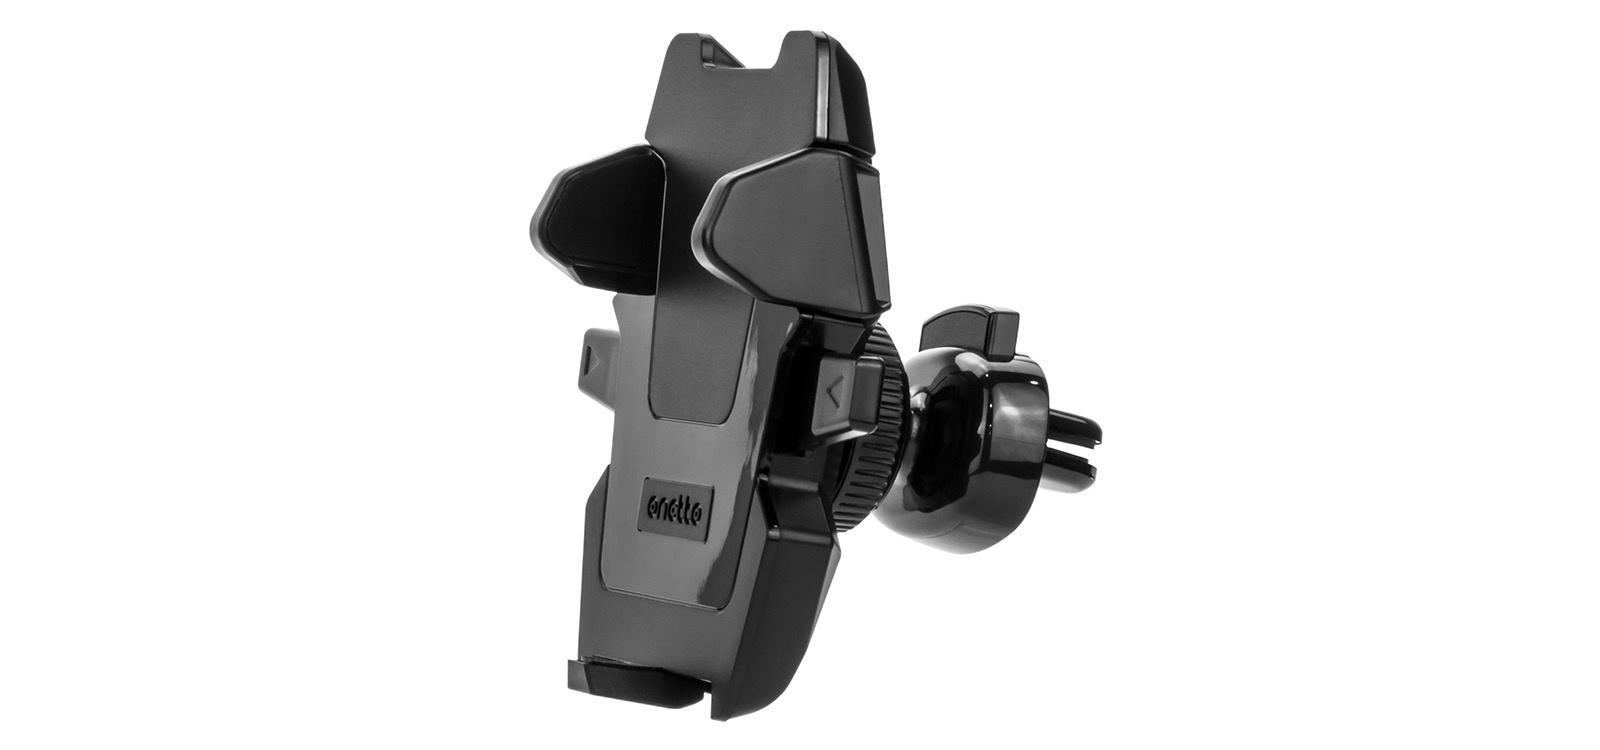 Автомобильный держатель Onetto Vent Mount Easy One Touch в воздуховод для телефона VM2 SM5, черный автомобильный держатель onetto mount easy view 2 черный